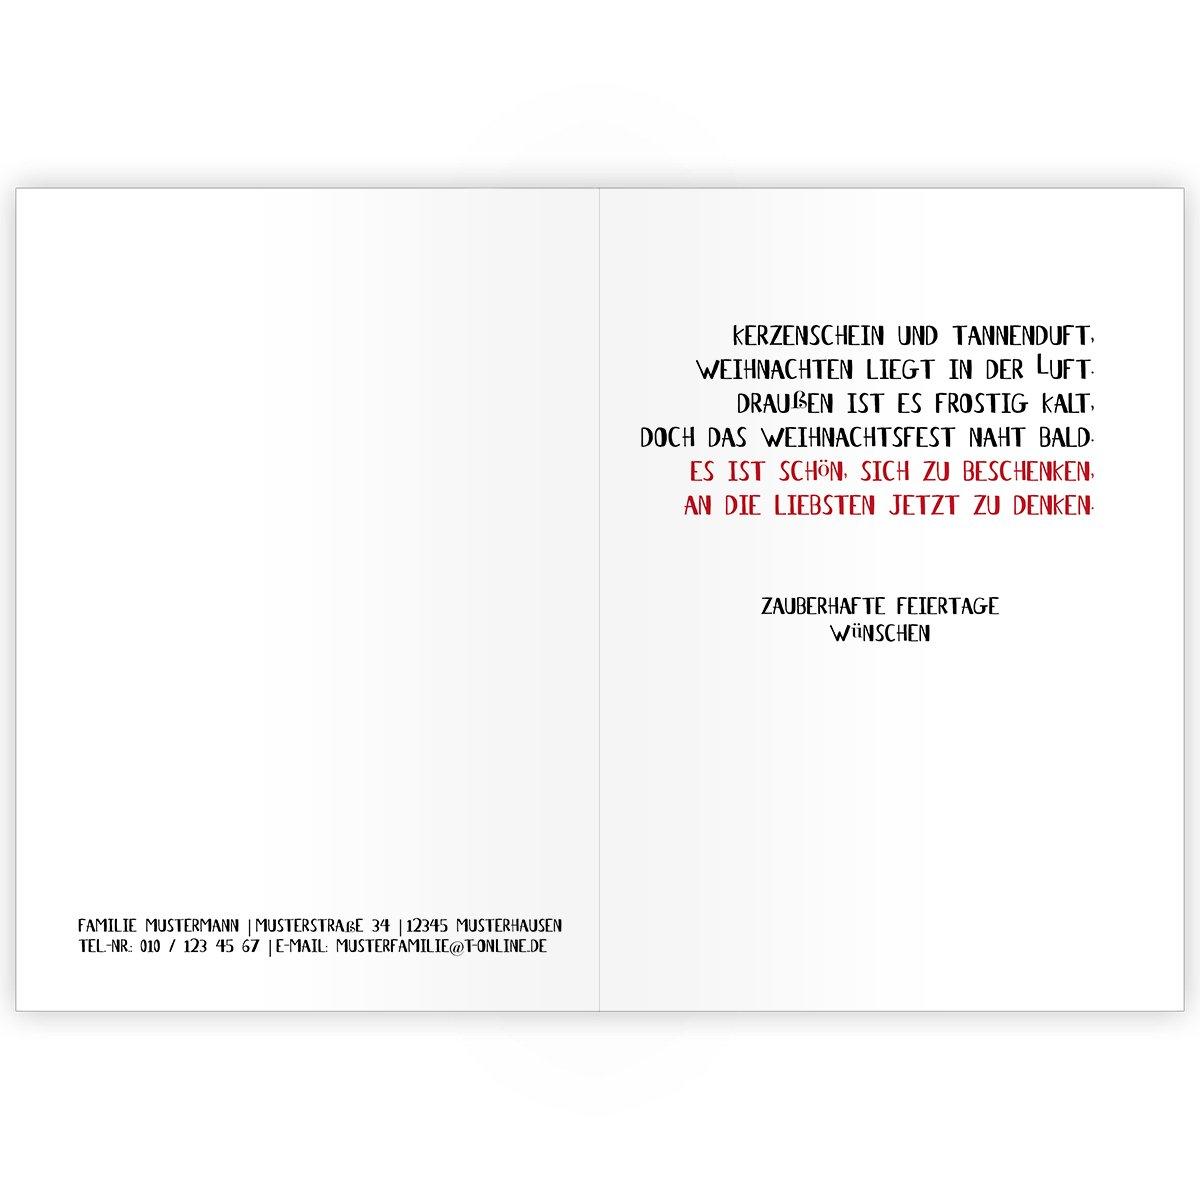 100er Set Fröhliche Fröhliche Fröhliche Unternehmen Weihnachtskarten mit, mit Weihnachtskugeln jonglierendem, Schneemann, innen blanko  weiß als geschäftliche Weihnachtsgrüße   Neujahrskarte   Firmen Weihnachtskarte für Kunden, Geschäftsp e246c0